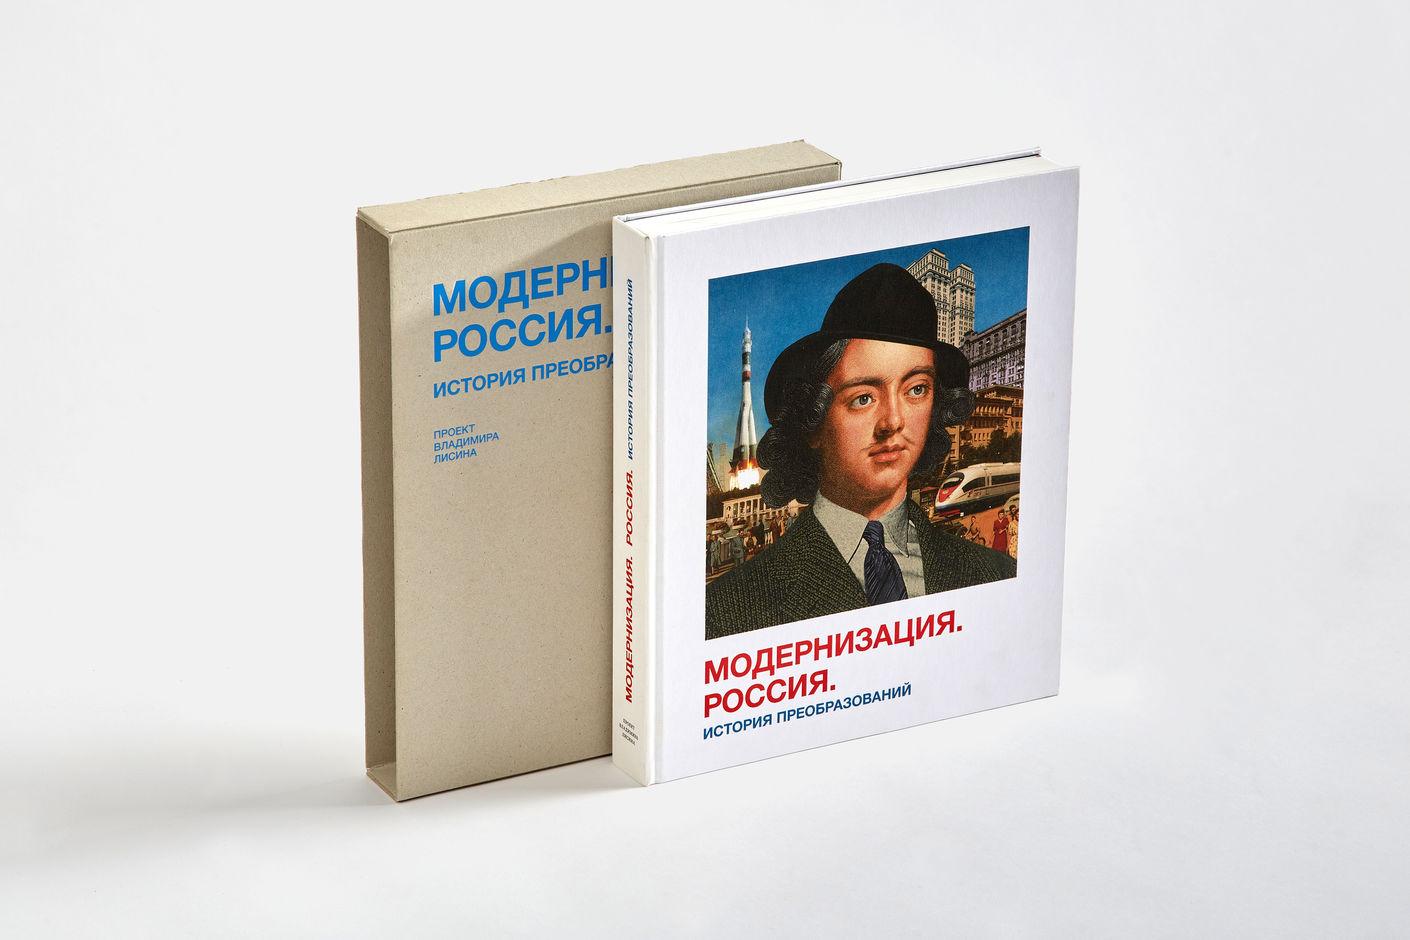 Подарочная книга Модернизация: история преобразований, 2015, Агей Томеш